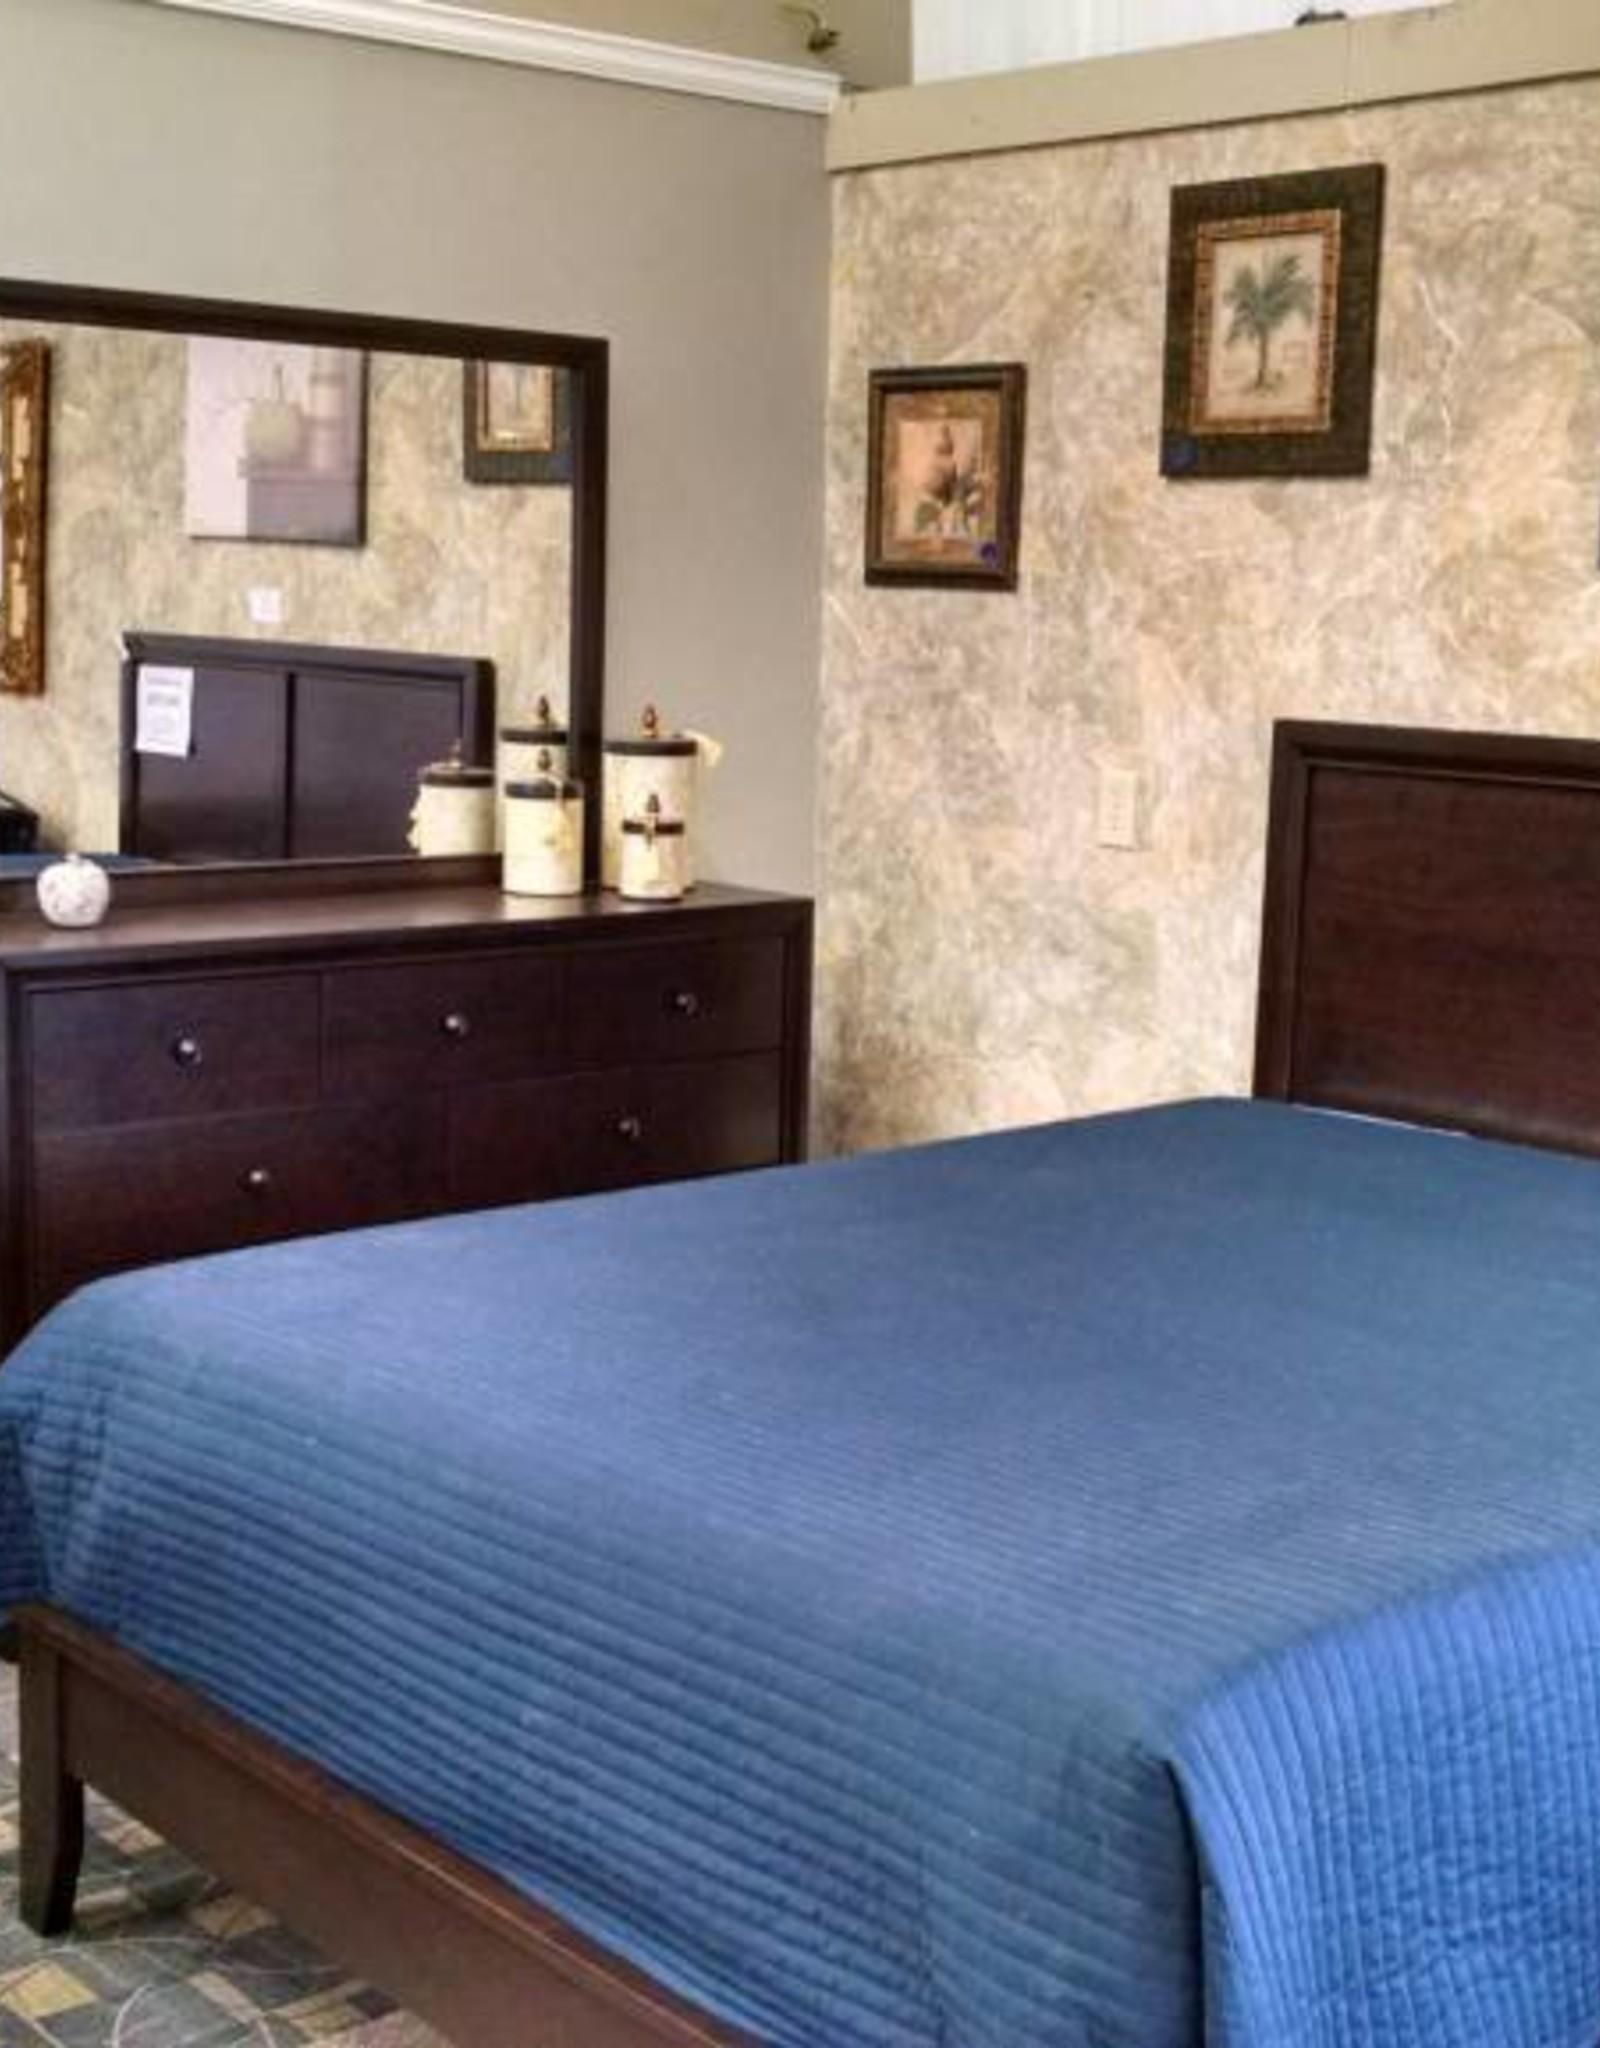 Crownmark Silva Silvia Bedroom Set - Queen Size